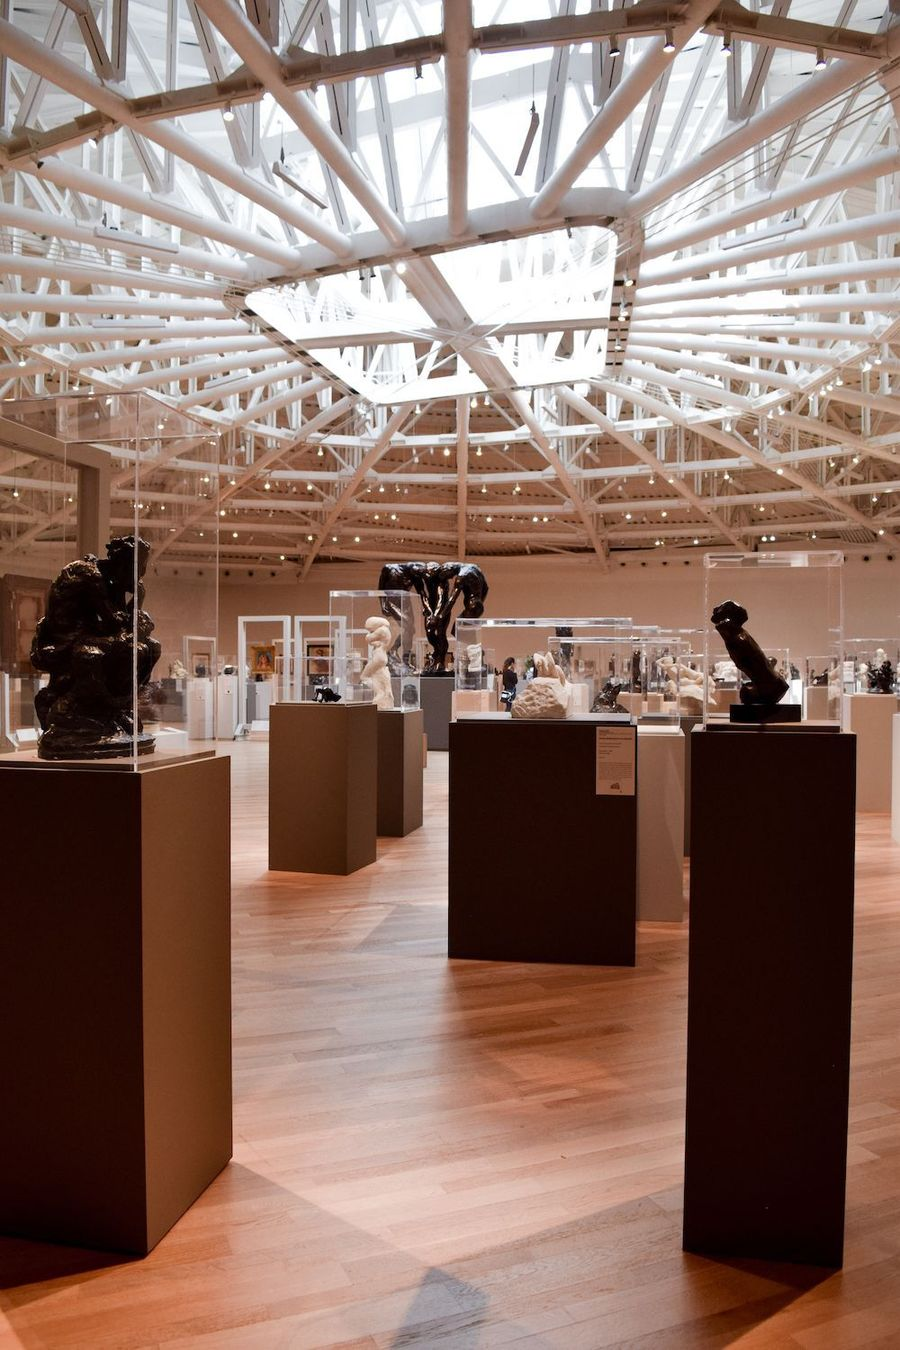 Hundreds of Sculptures, Museo Soumaya, Mexico City